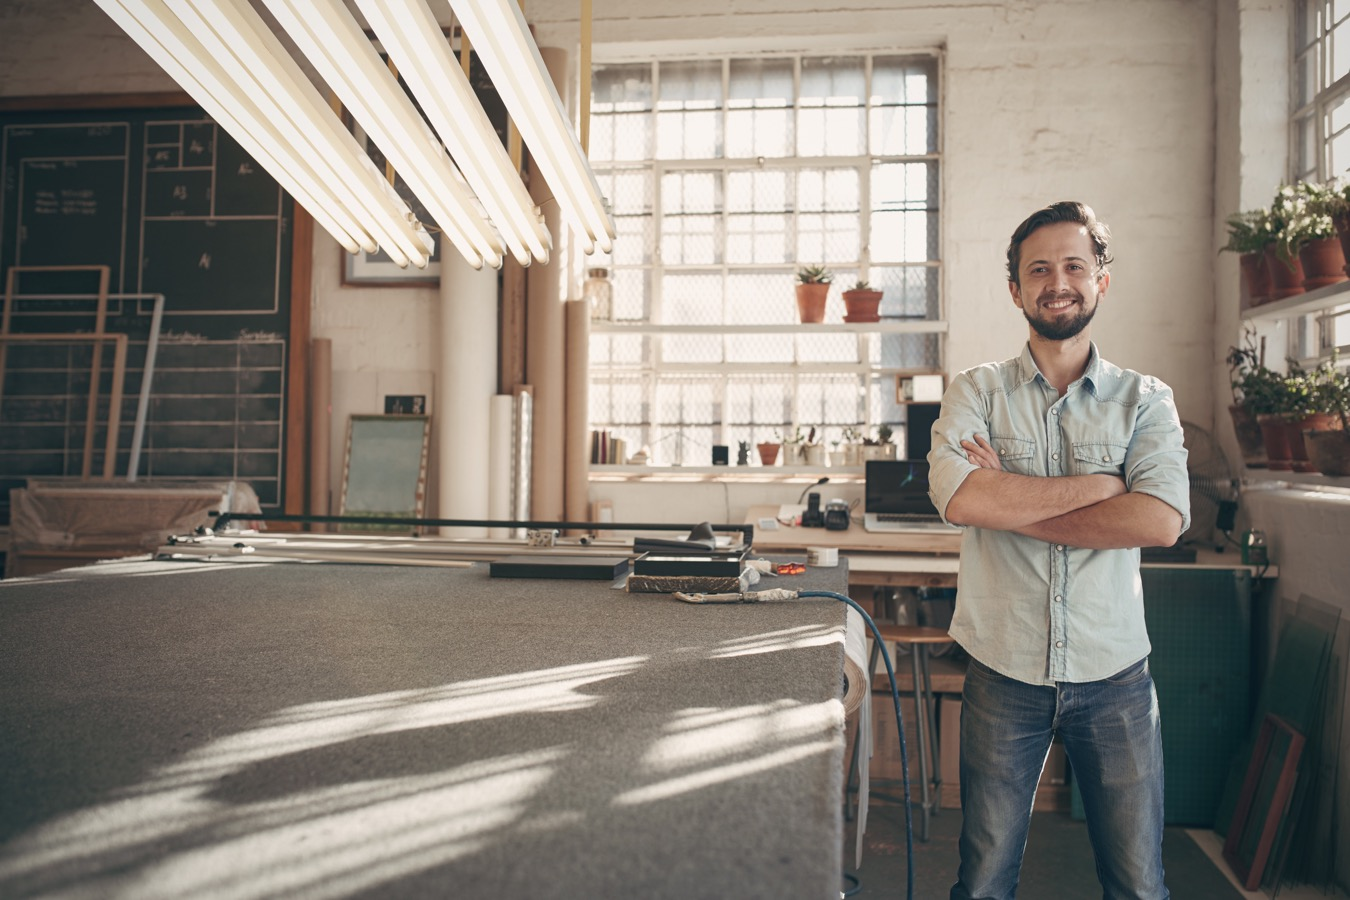 ものづくりメーカーへ転職を成功させた職歴6年男性の体験談